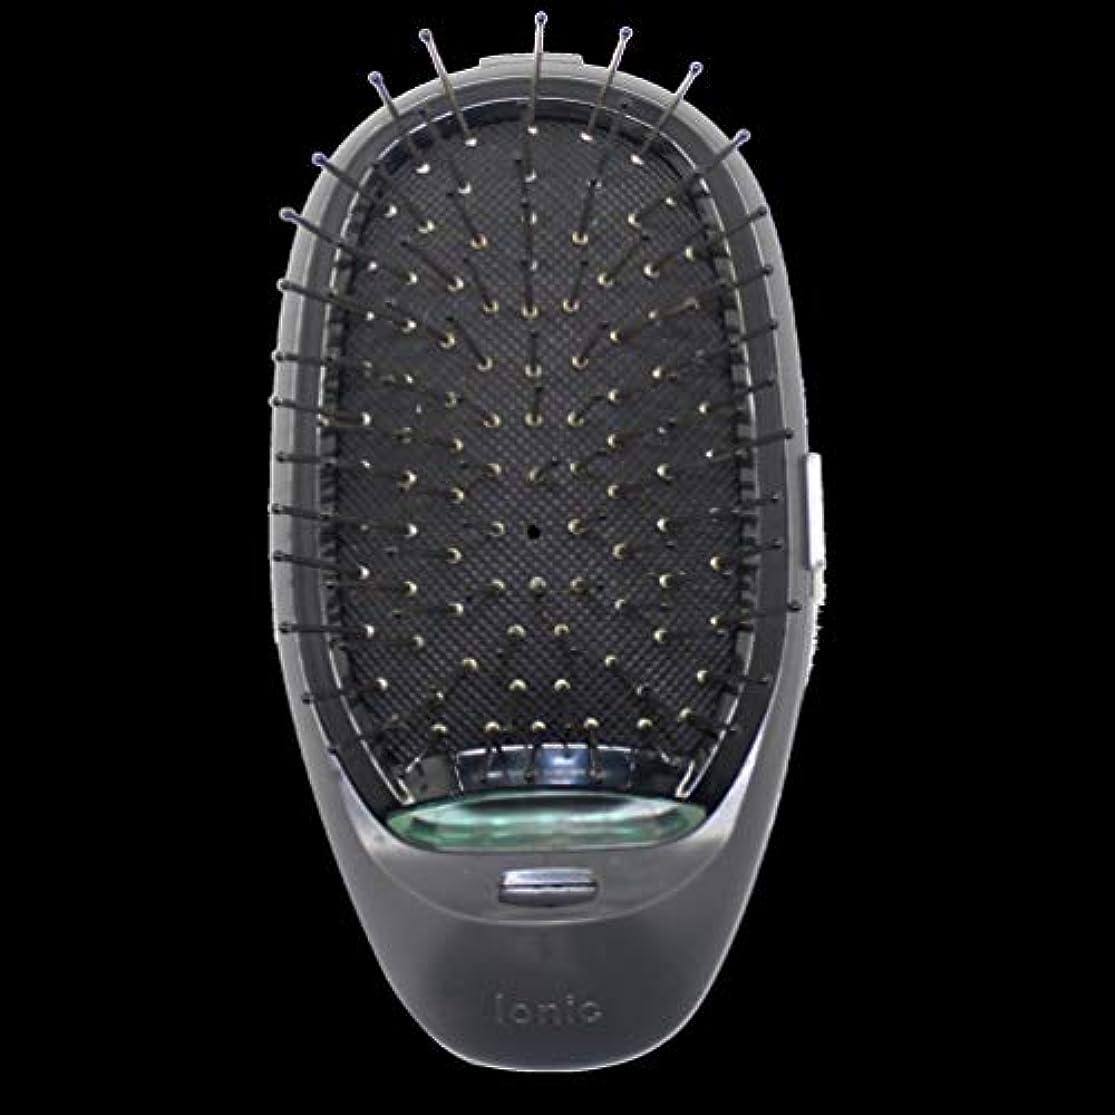 従事したはさみ銛電動マッサージヘアブラシミニマイナスイオンヘアコム3Dインフレータブルコーム帯電防止ガールズヘアブラシ電池式 - ブラック